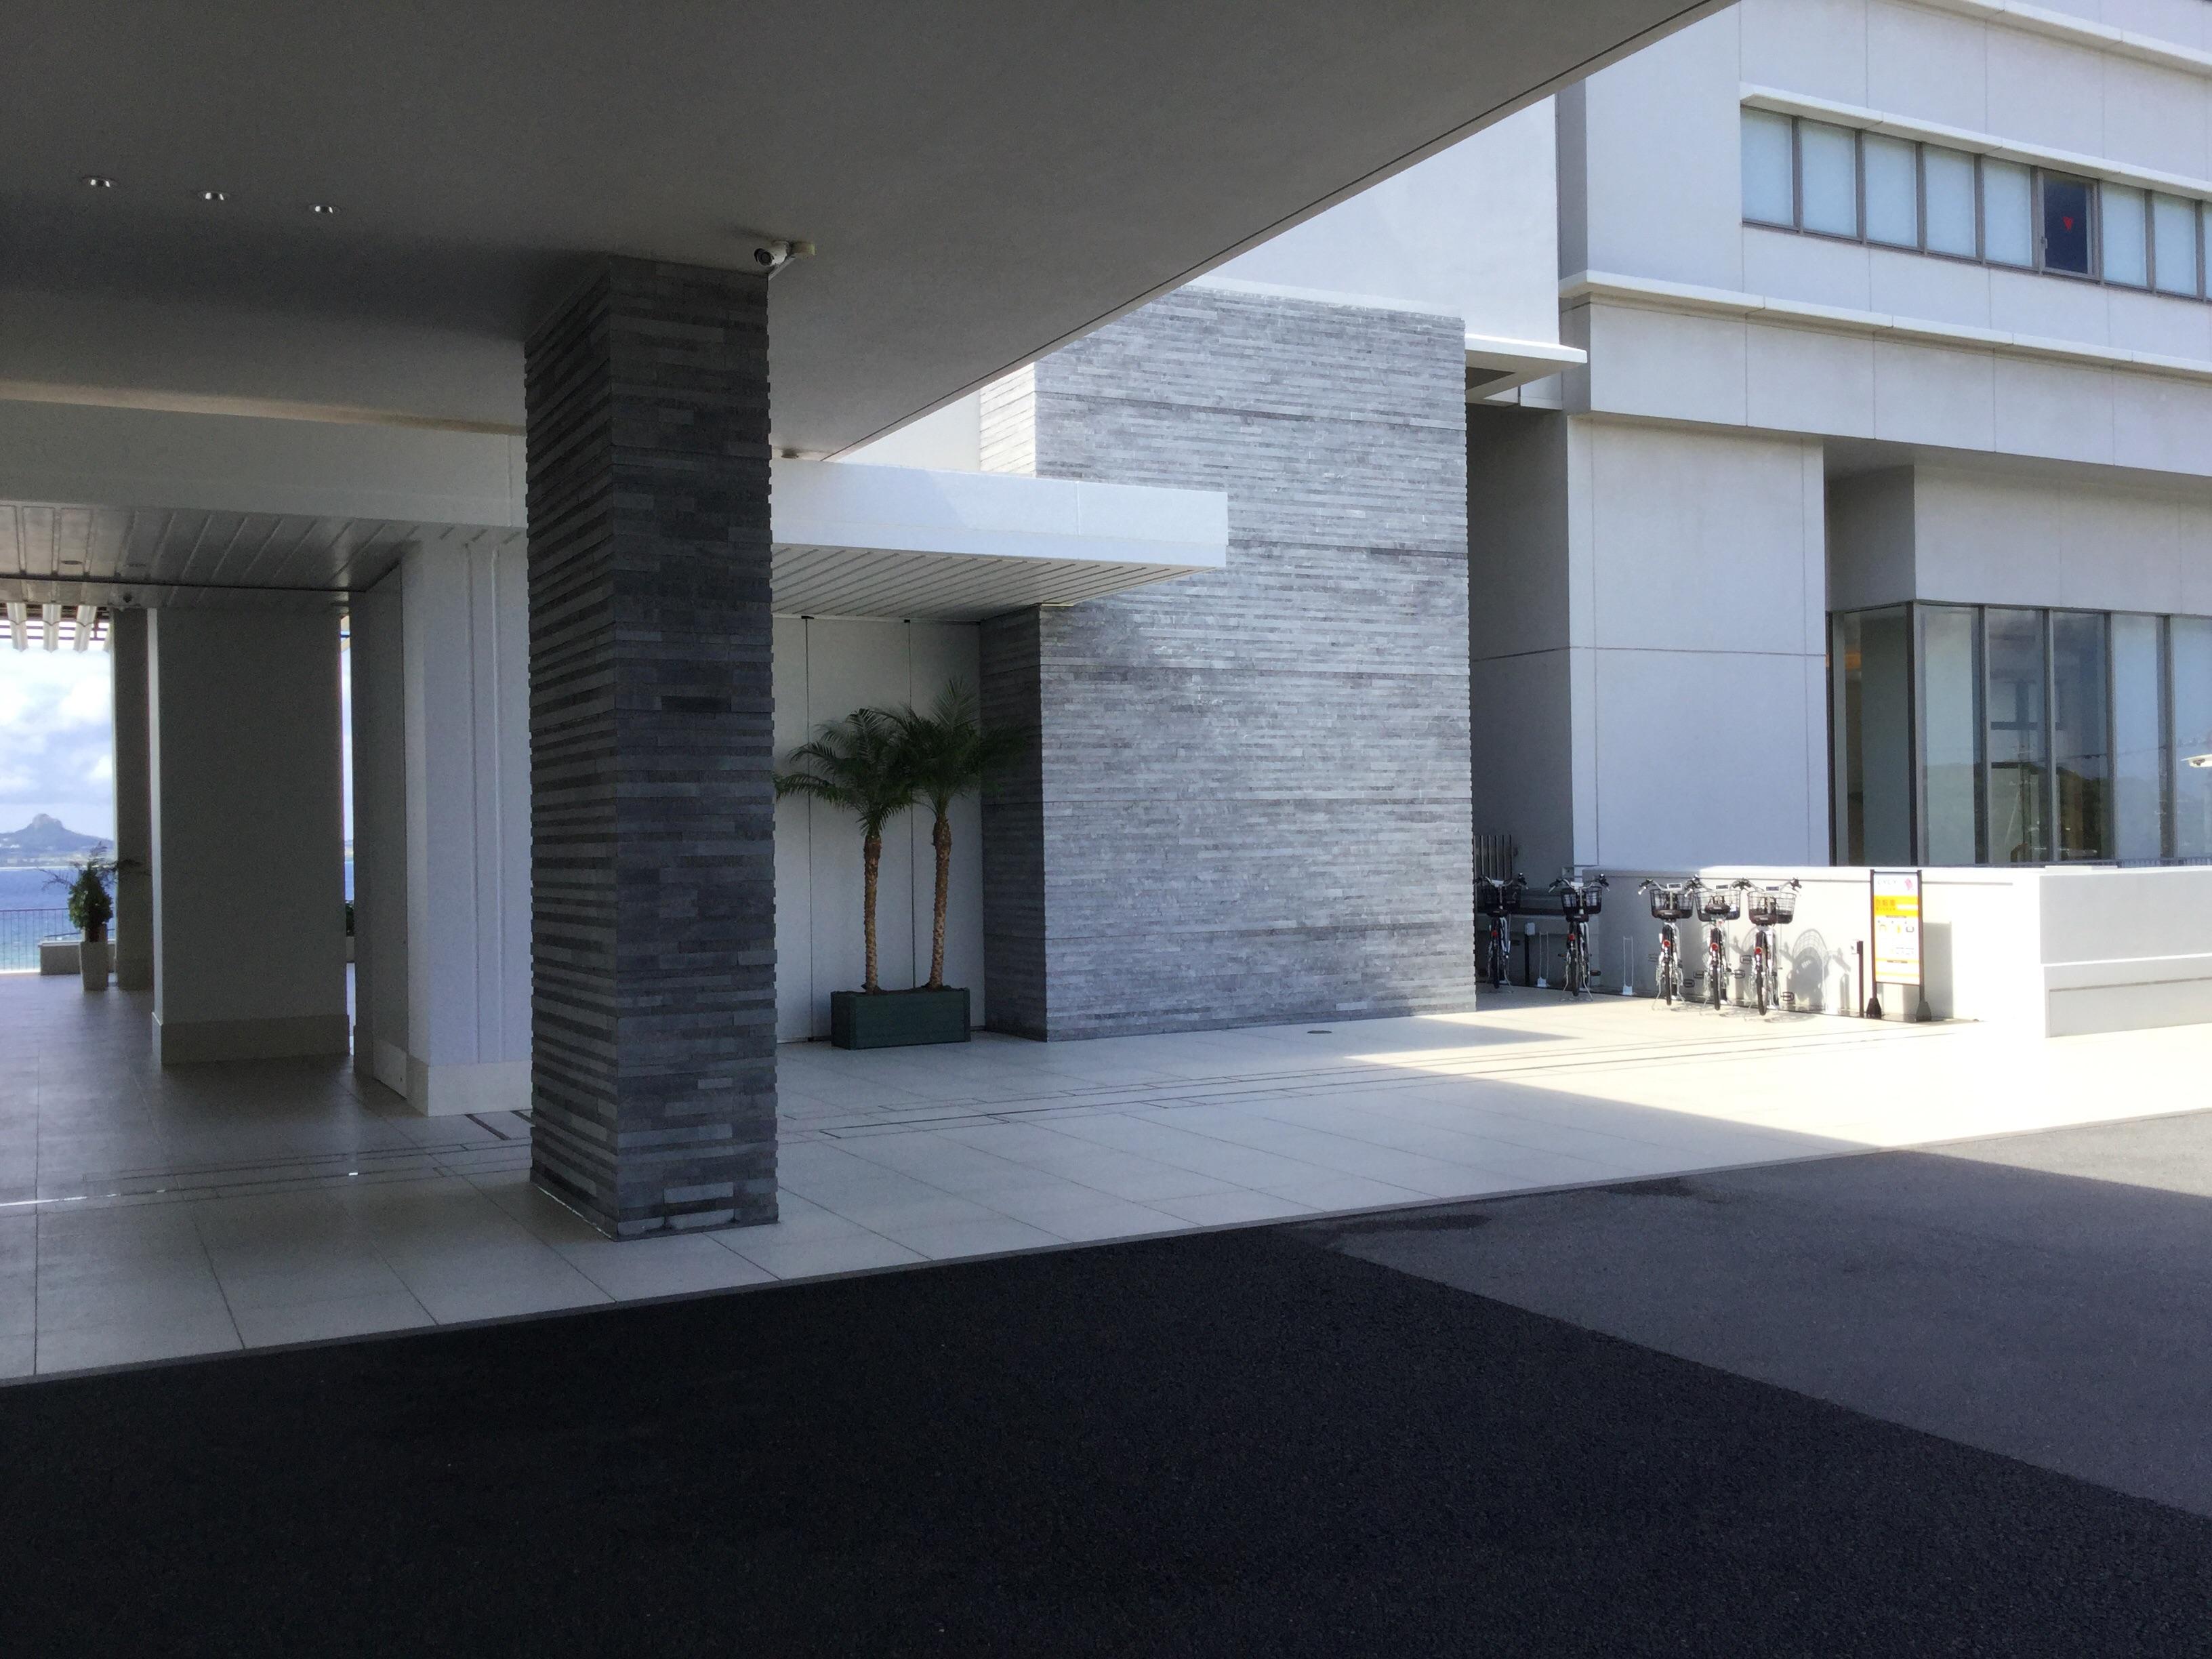 ホテル オリオン モトブ リゾート&スパ (HELLO CYCLING ポート) image